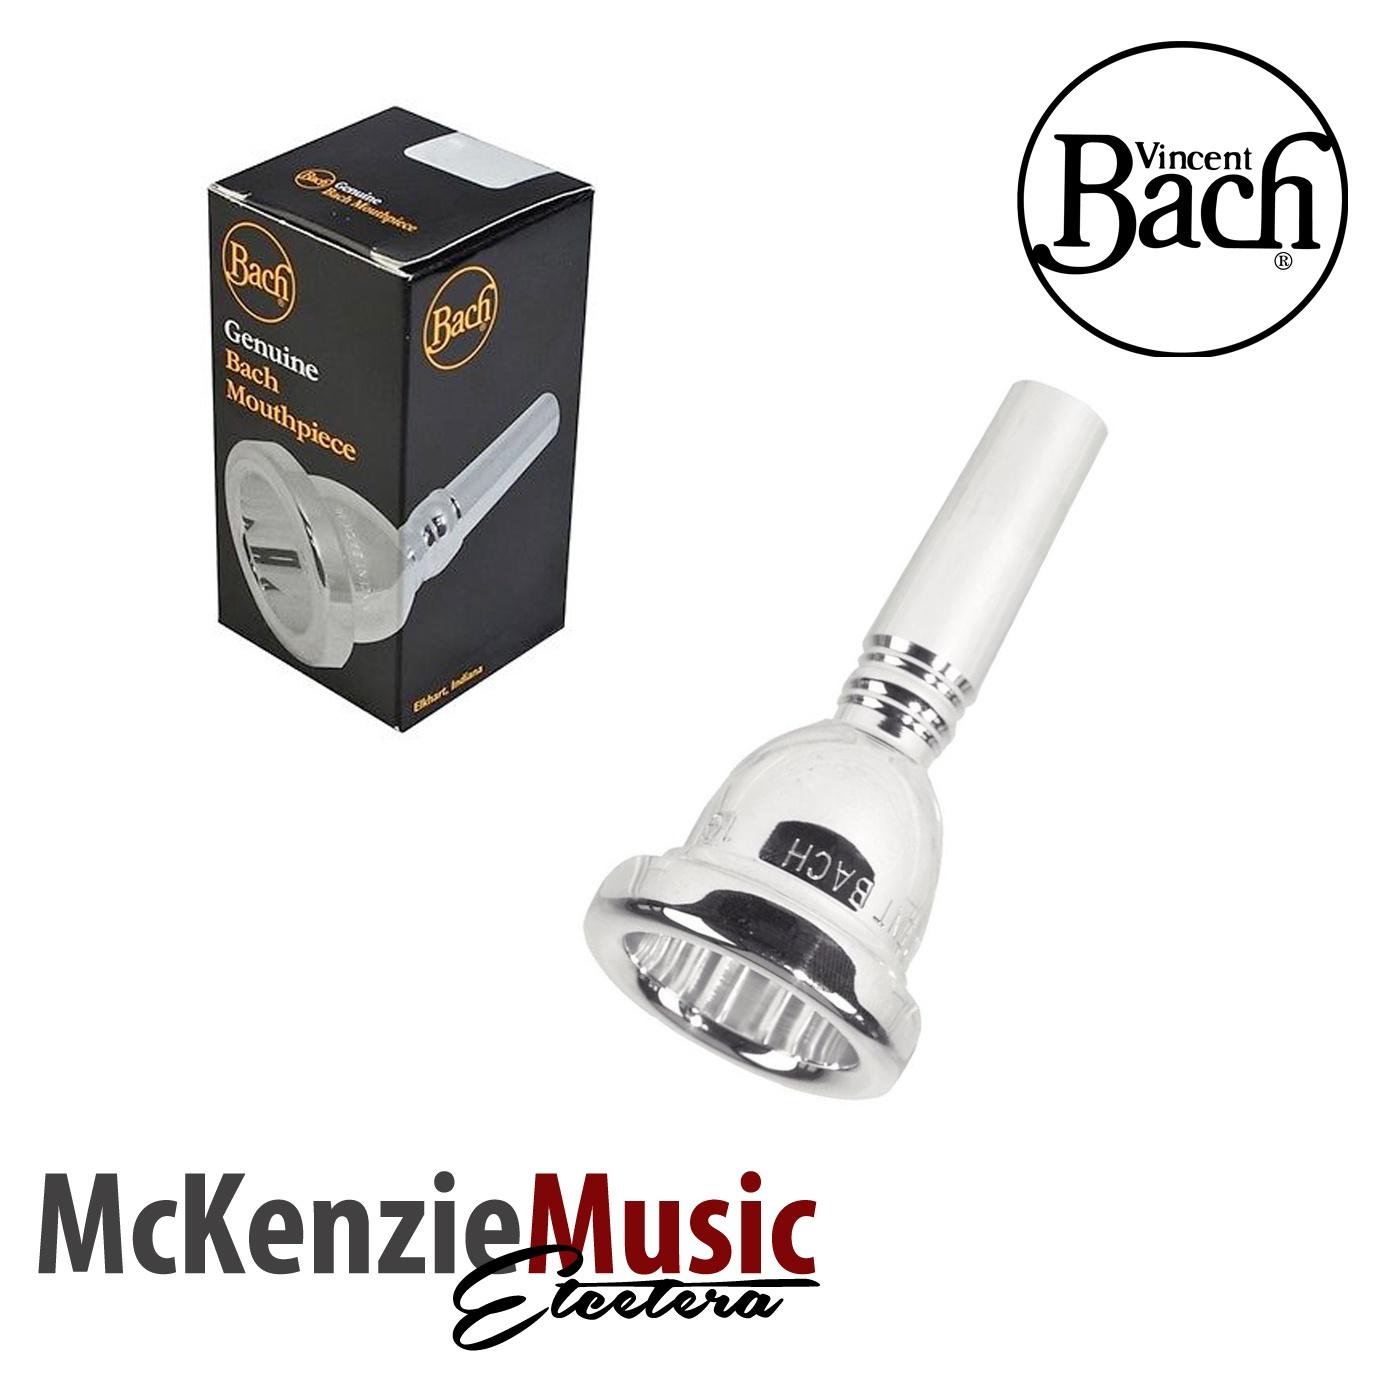 Bach Trombone Small Shank 12C Mouthpiece